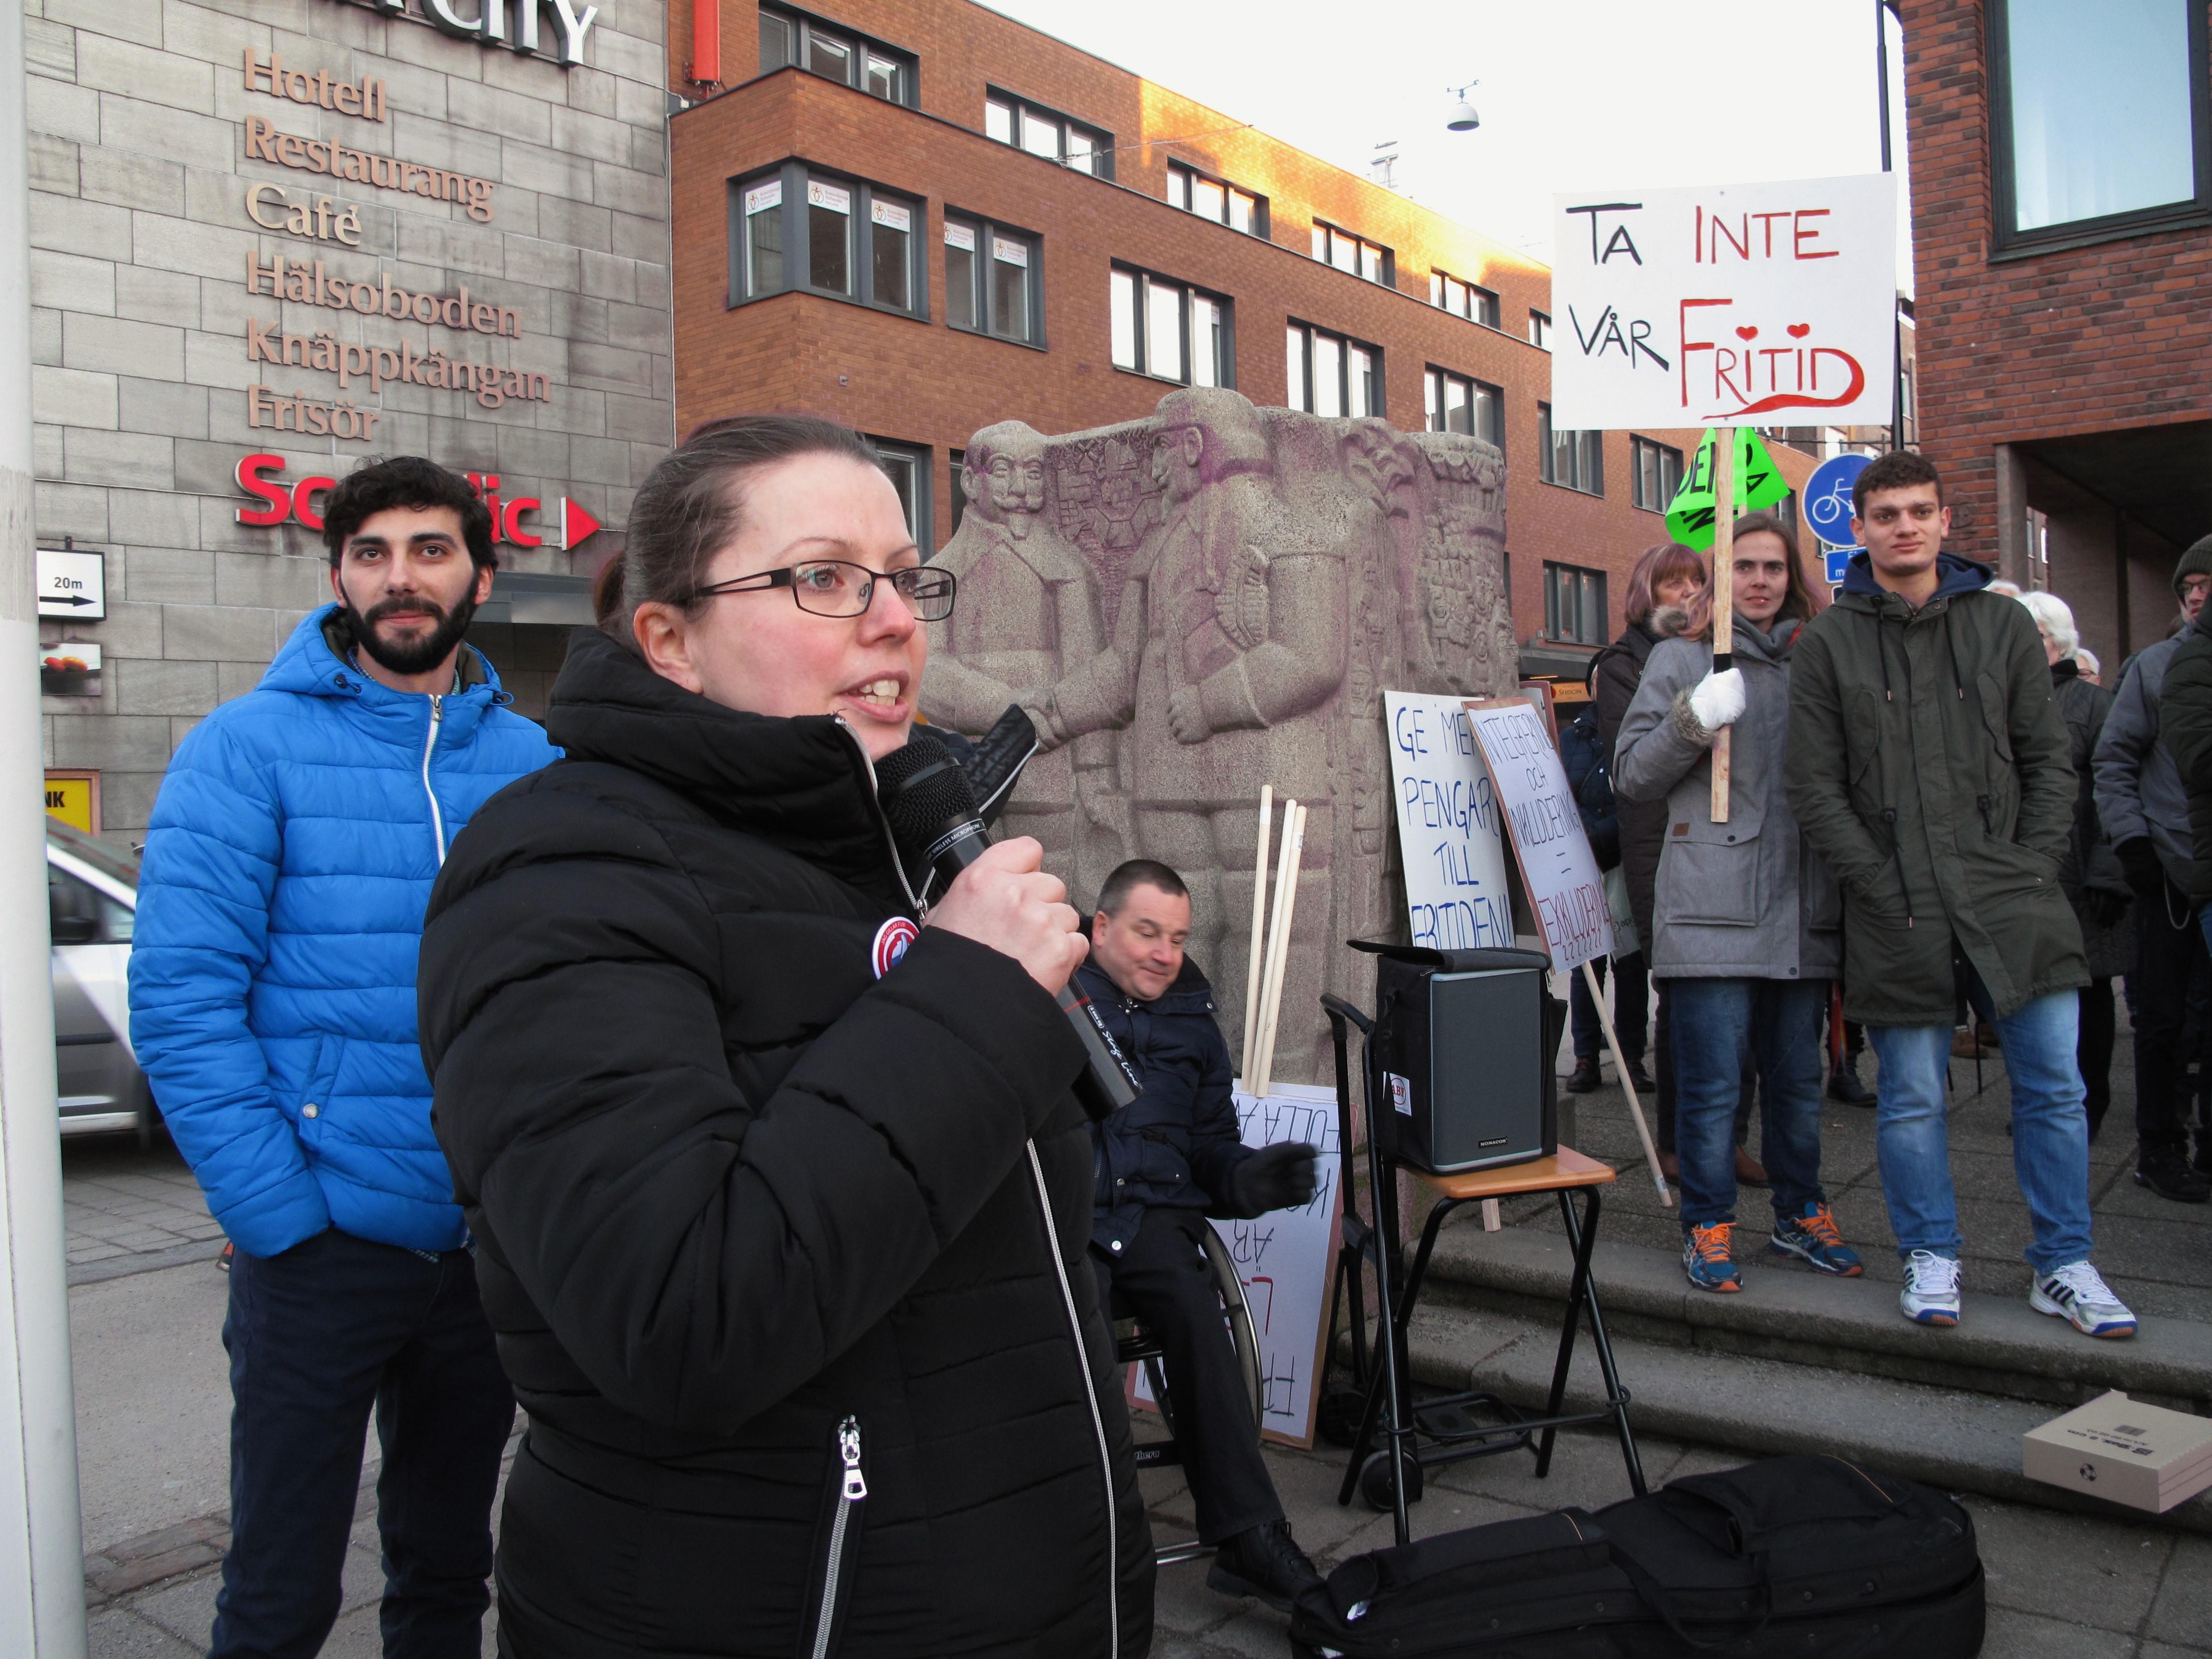 FUB ordförande Cecilia Kristensen håller tal